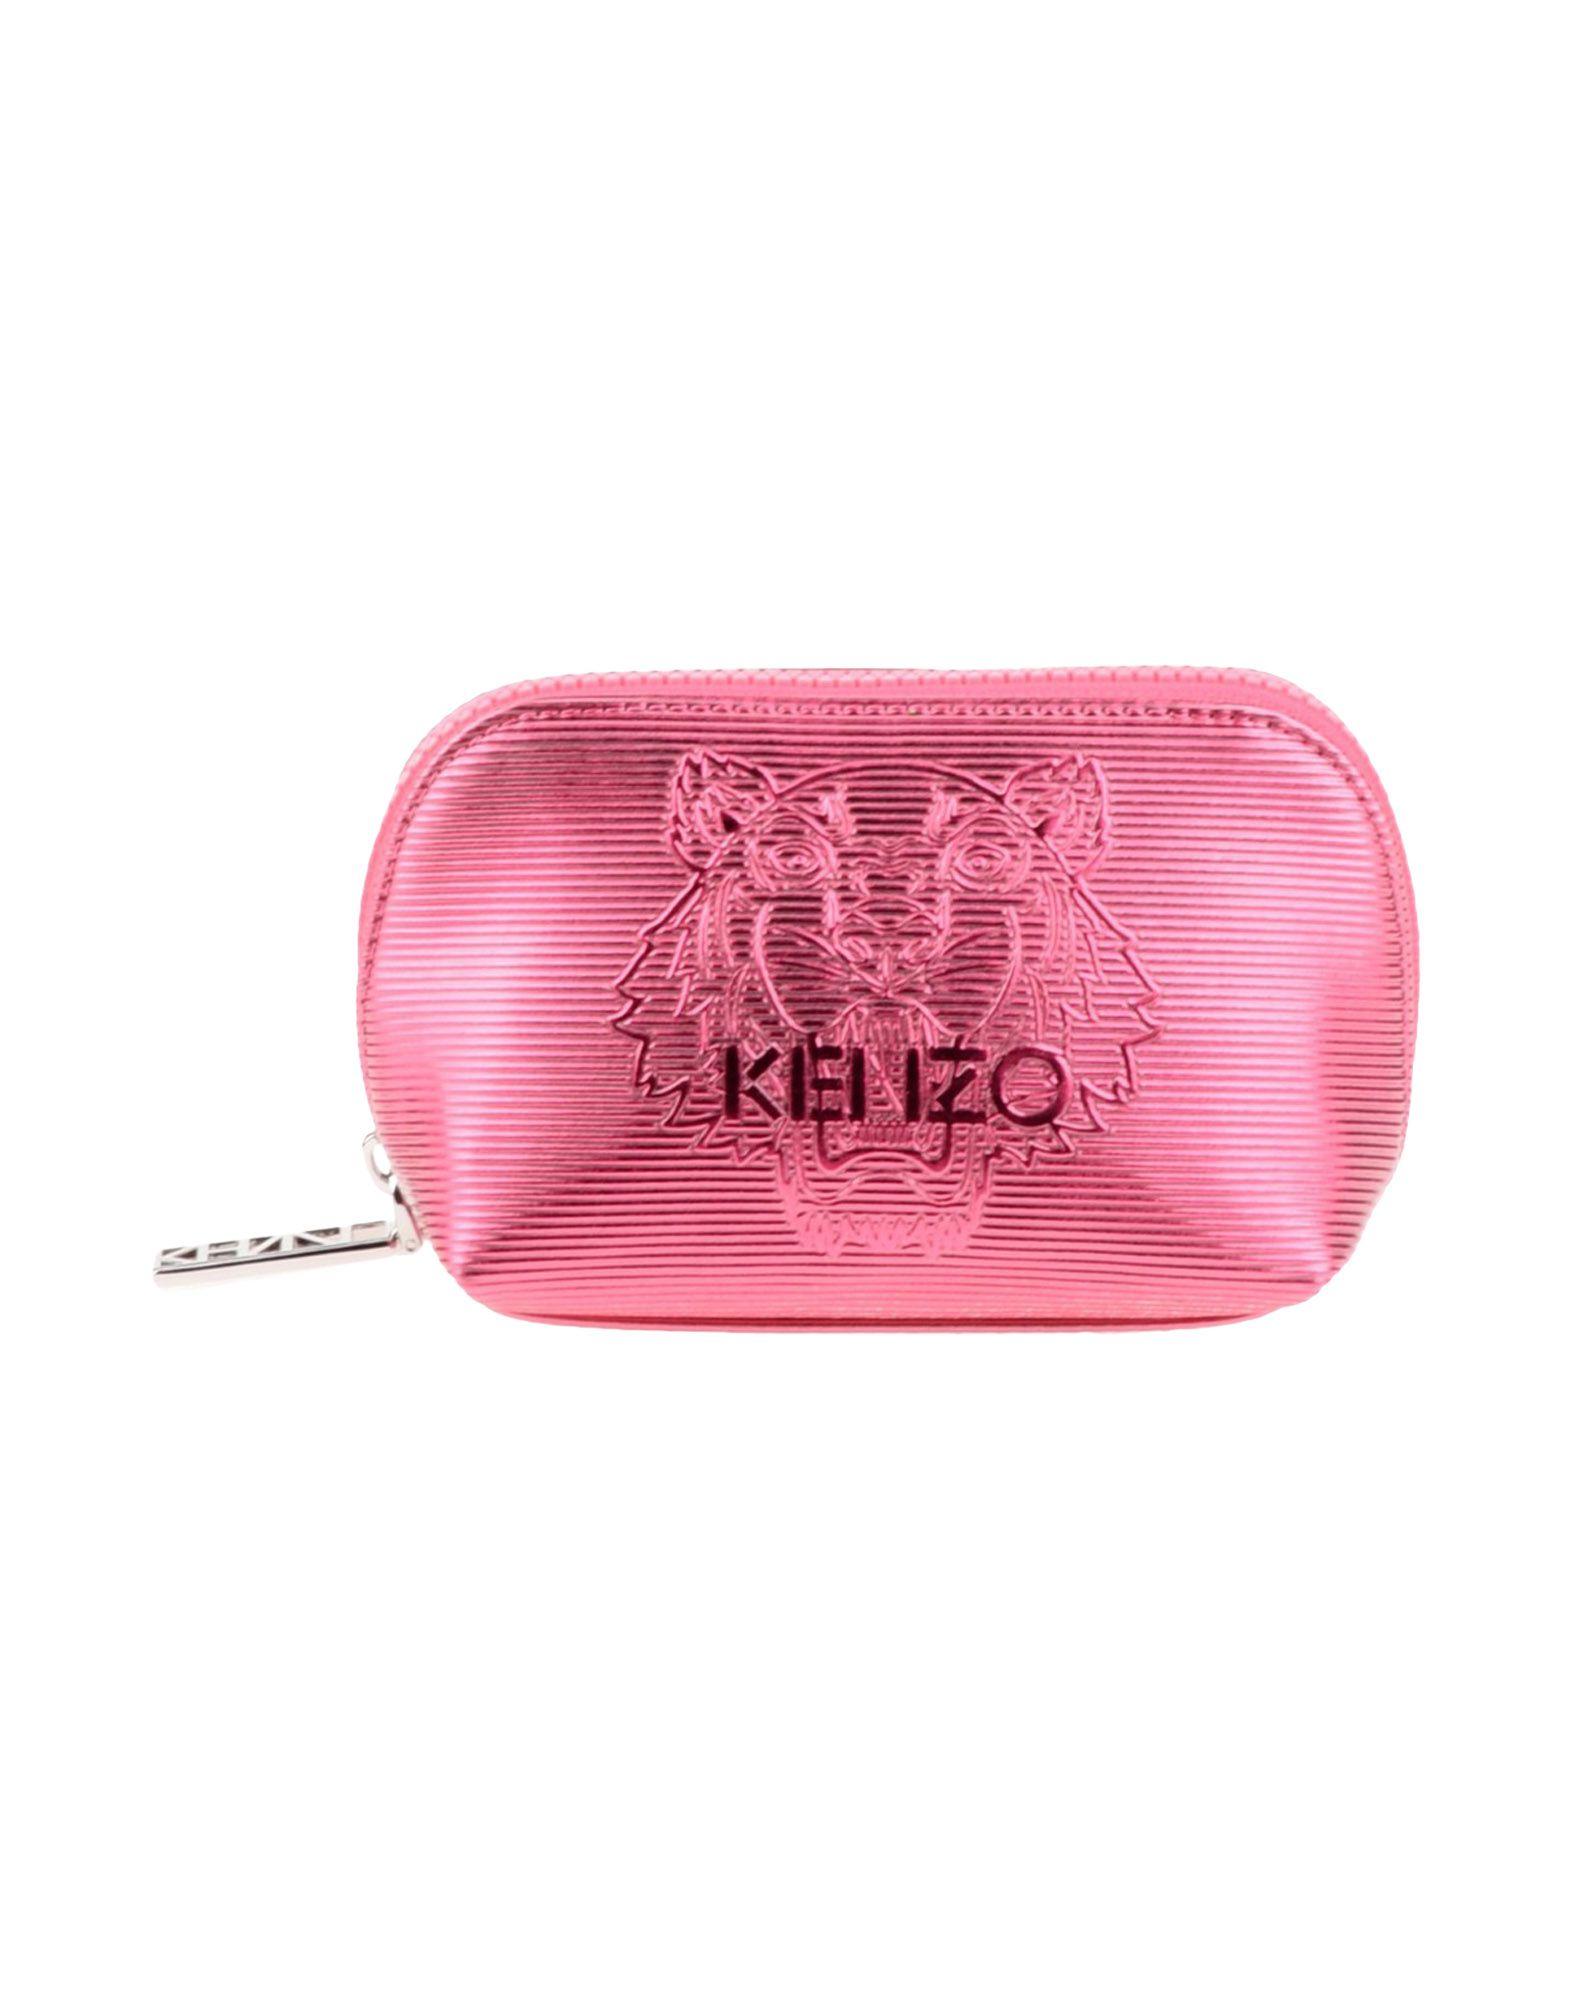 KENZO Beauty case